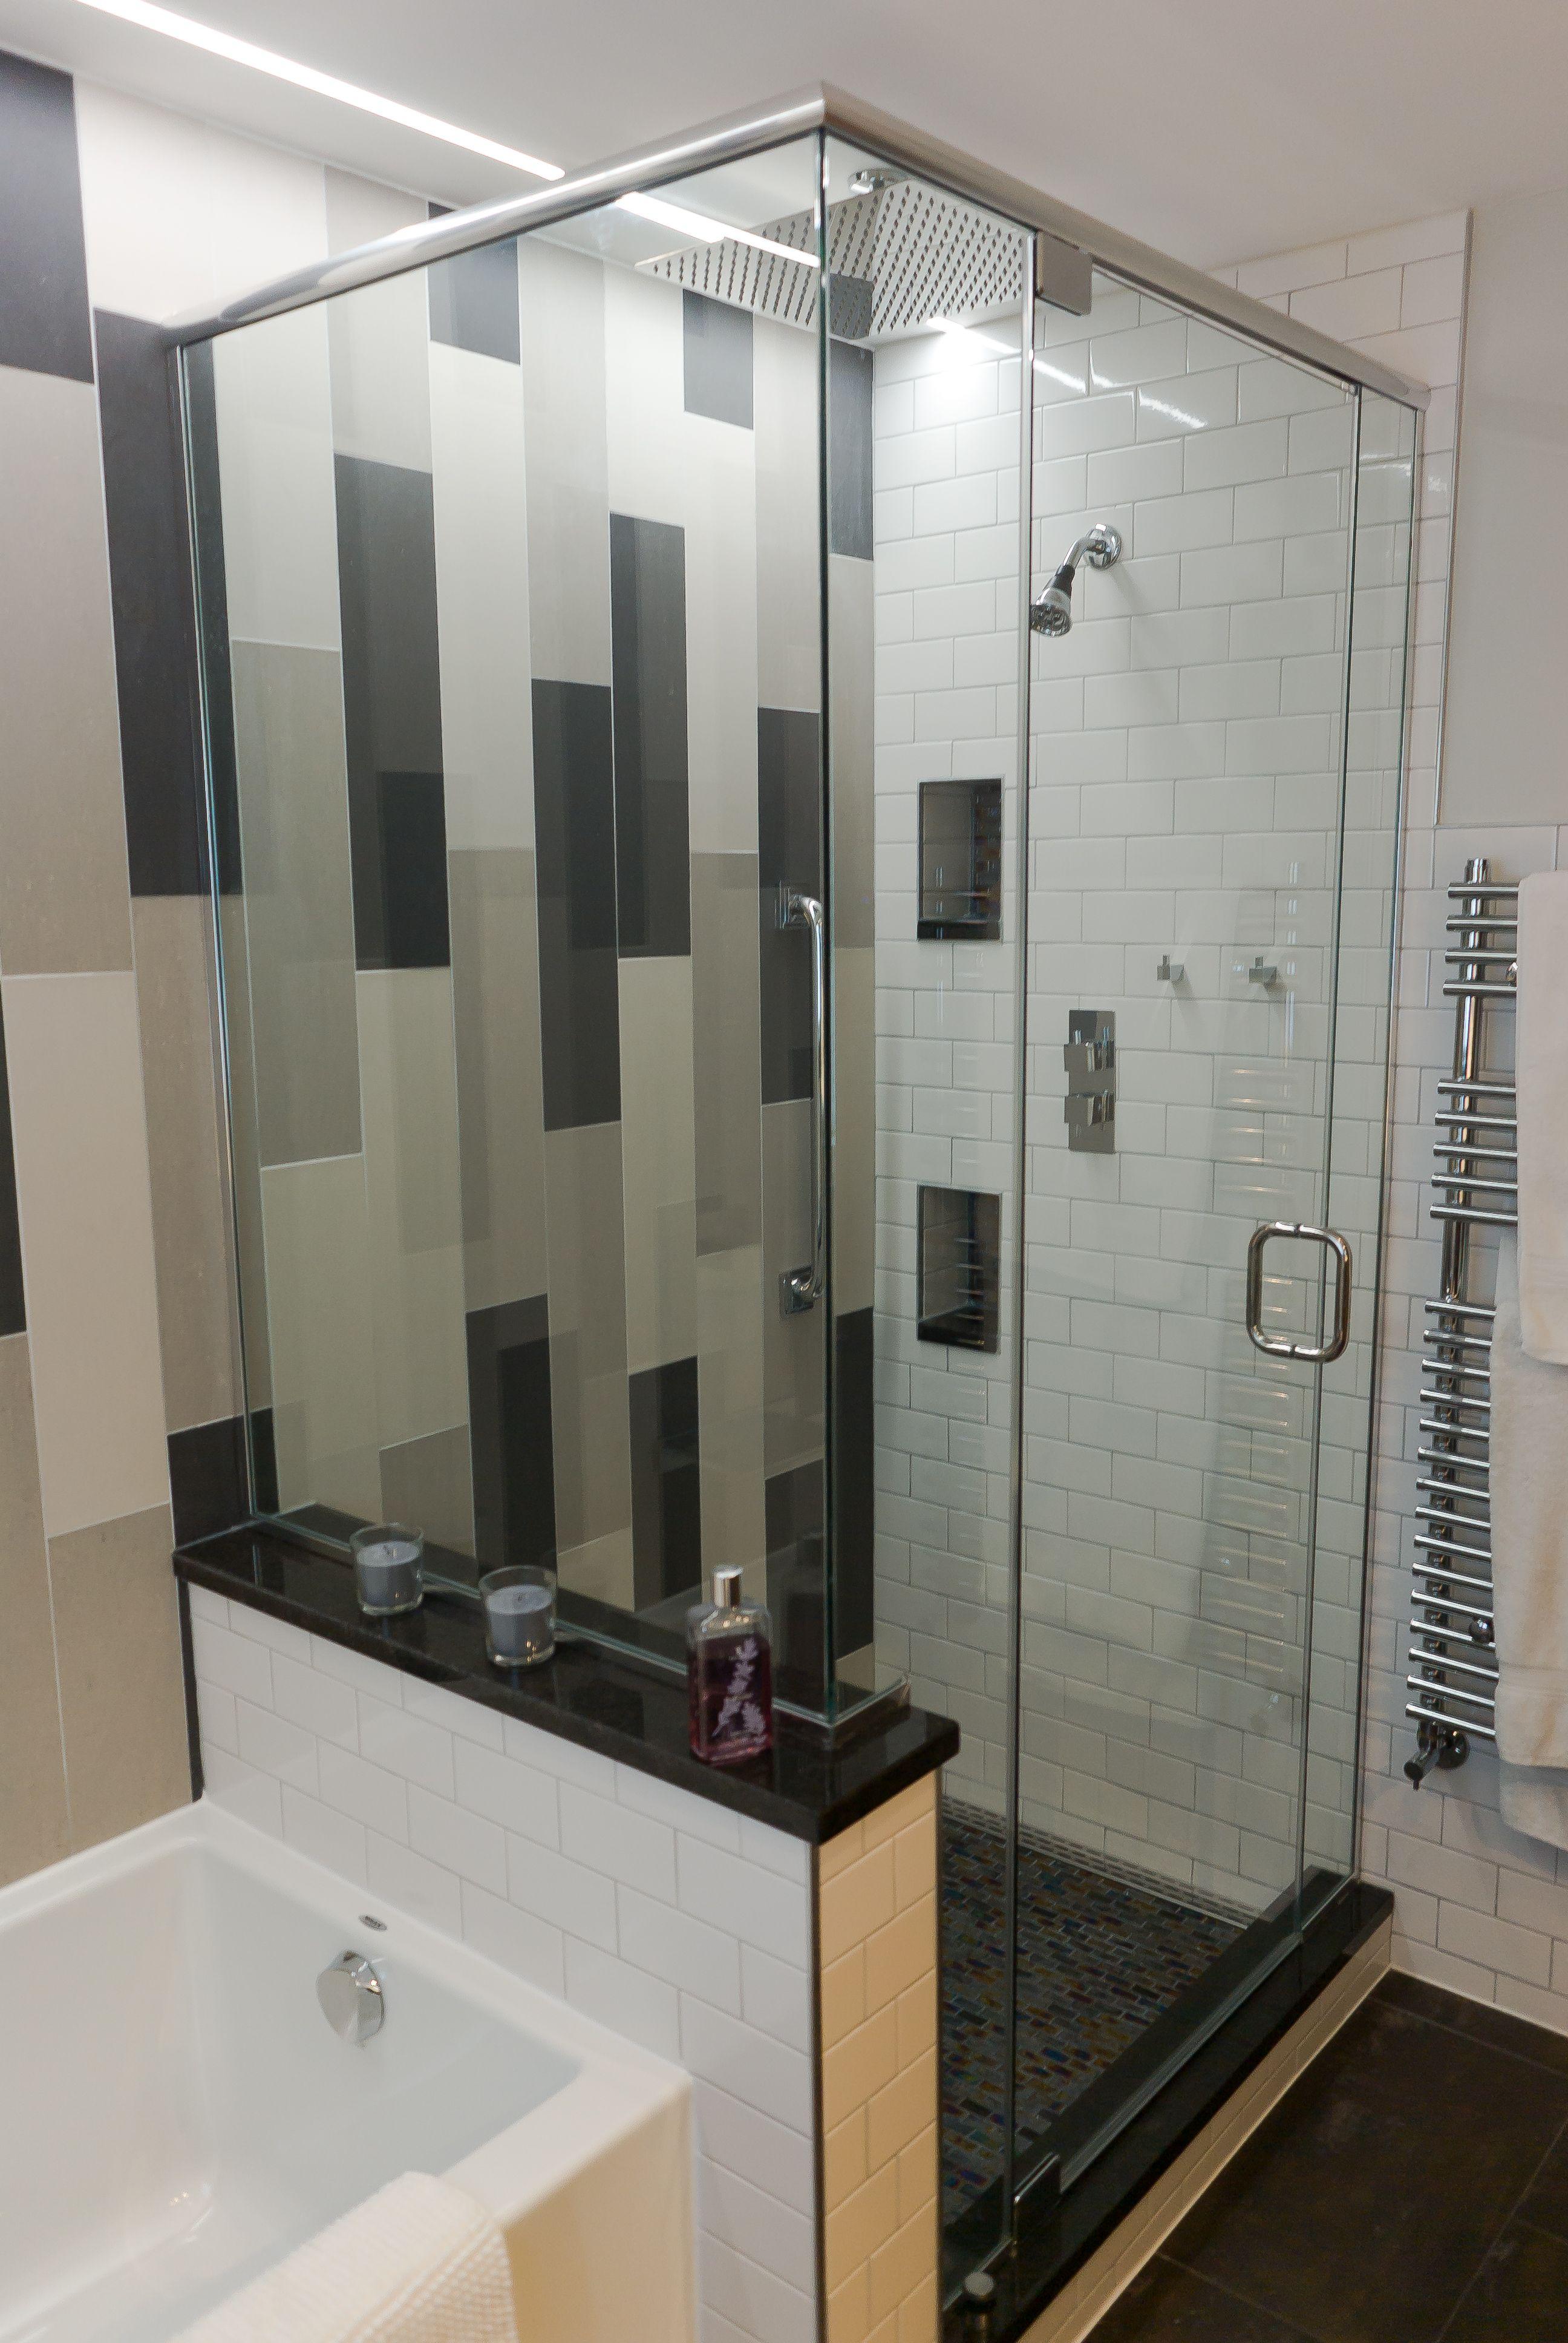 Modern Bathroom Design Recessed Led Accent Lighting Gray White Black Tile